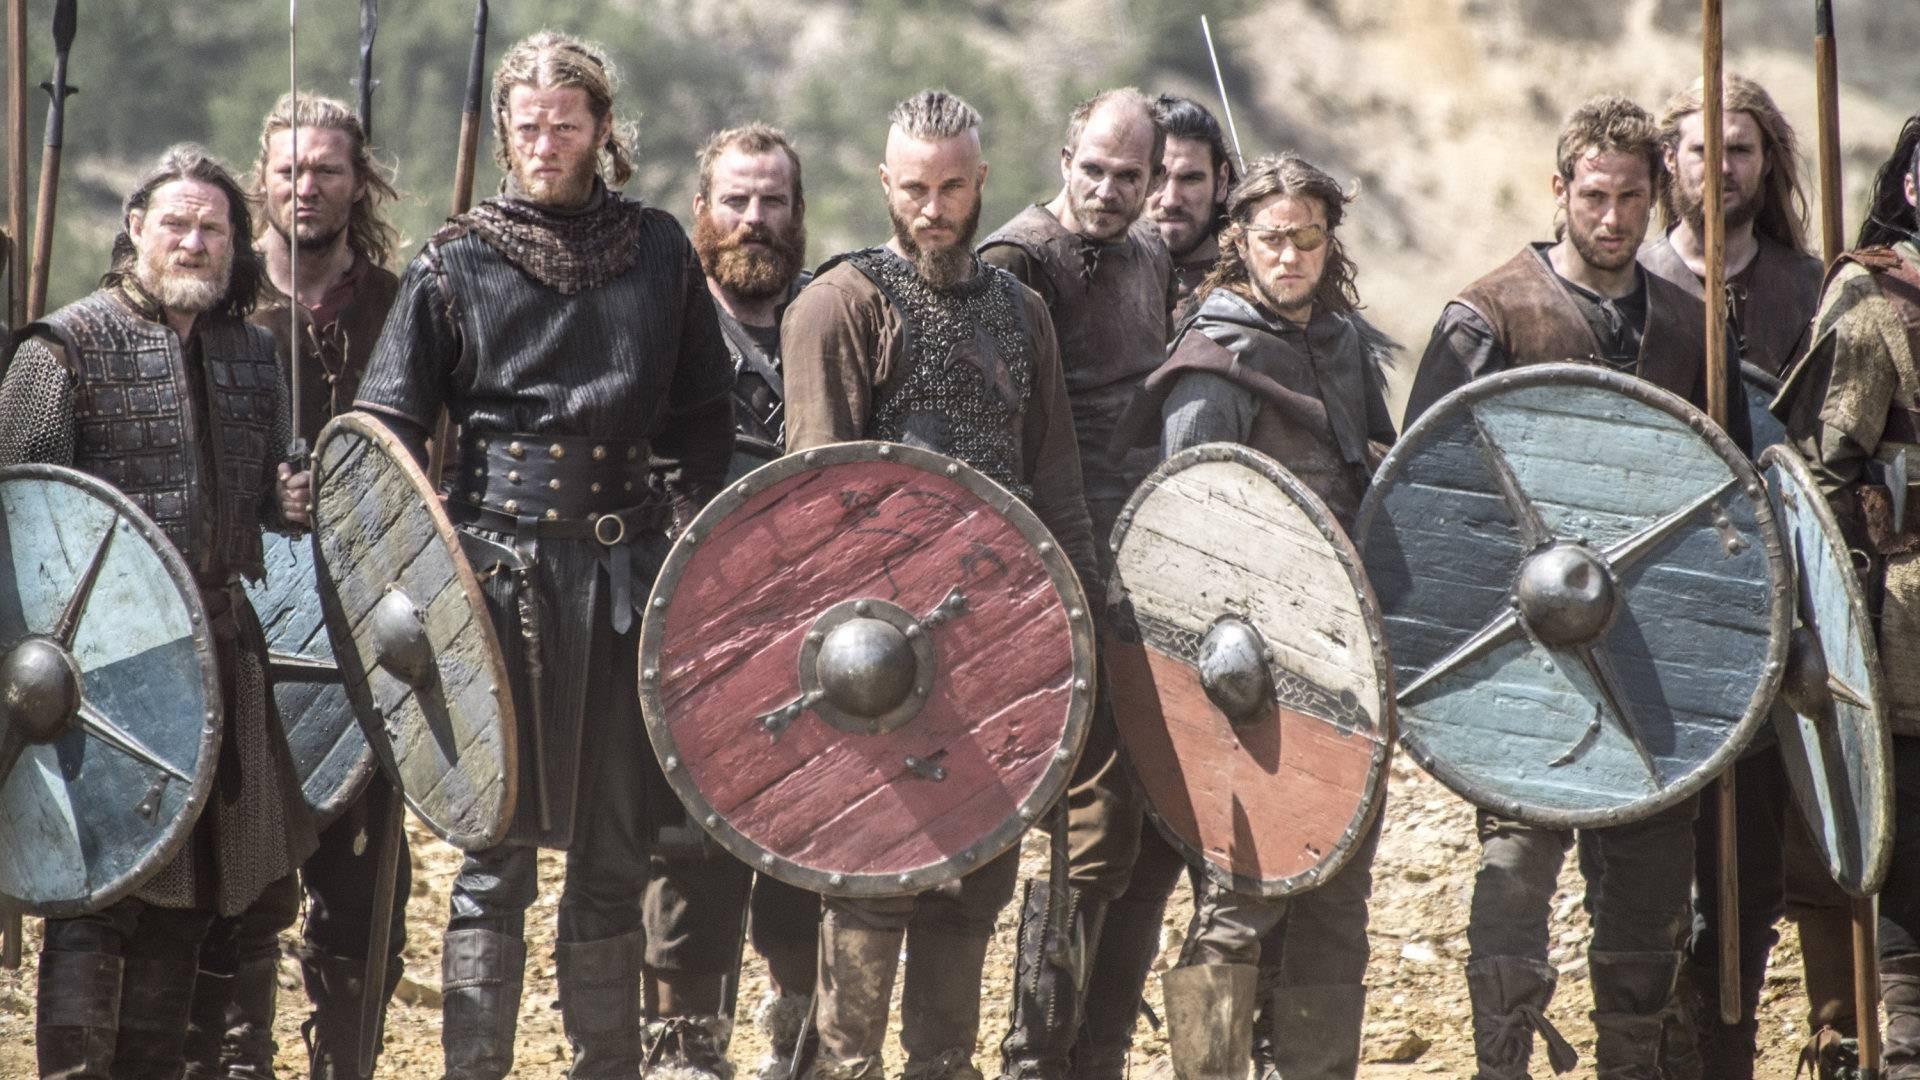 Fond d'écran : gens, soldat, La personne, Série TV Vikings, viking, 1920x1080 px, troupe, milice ...